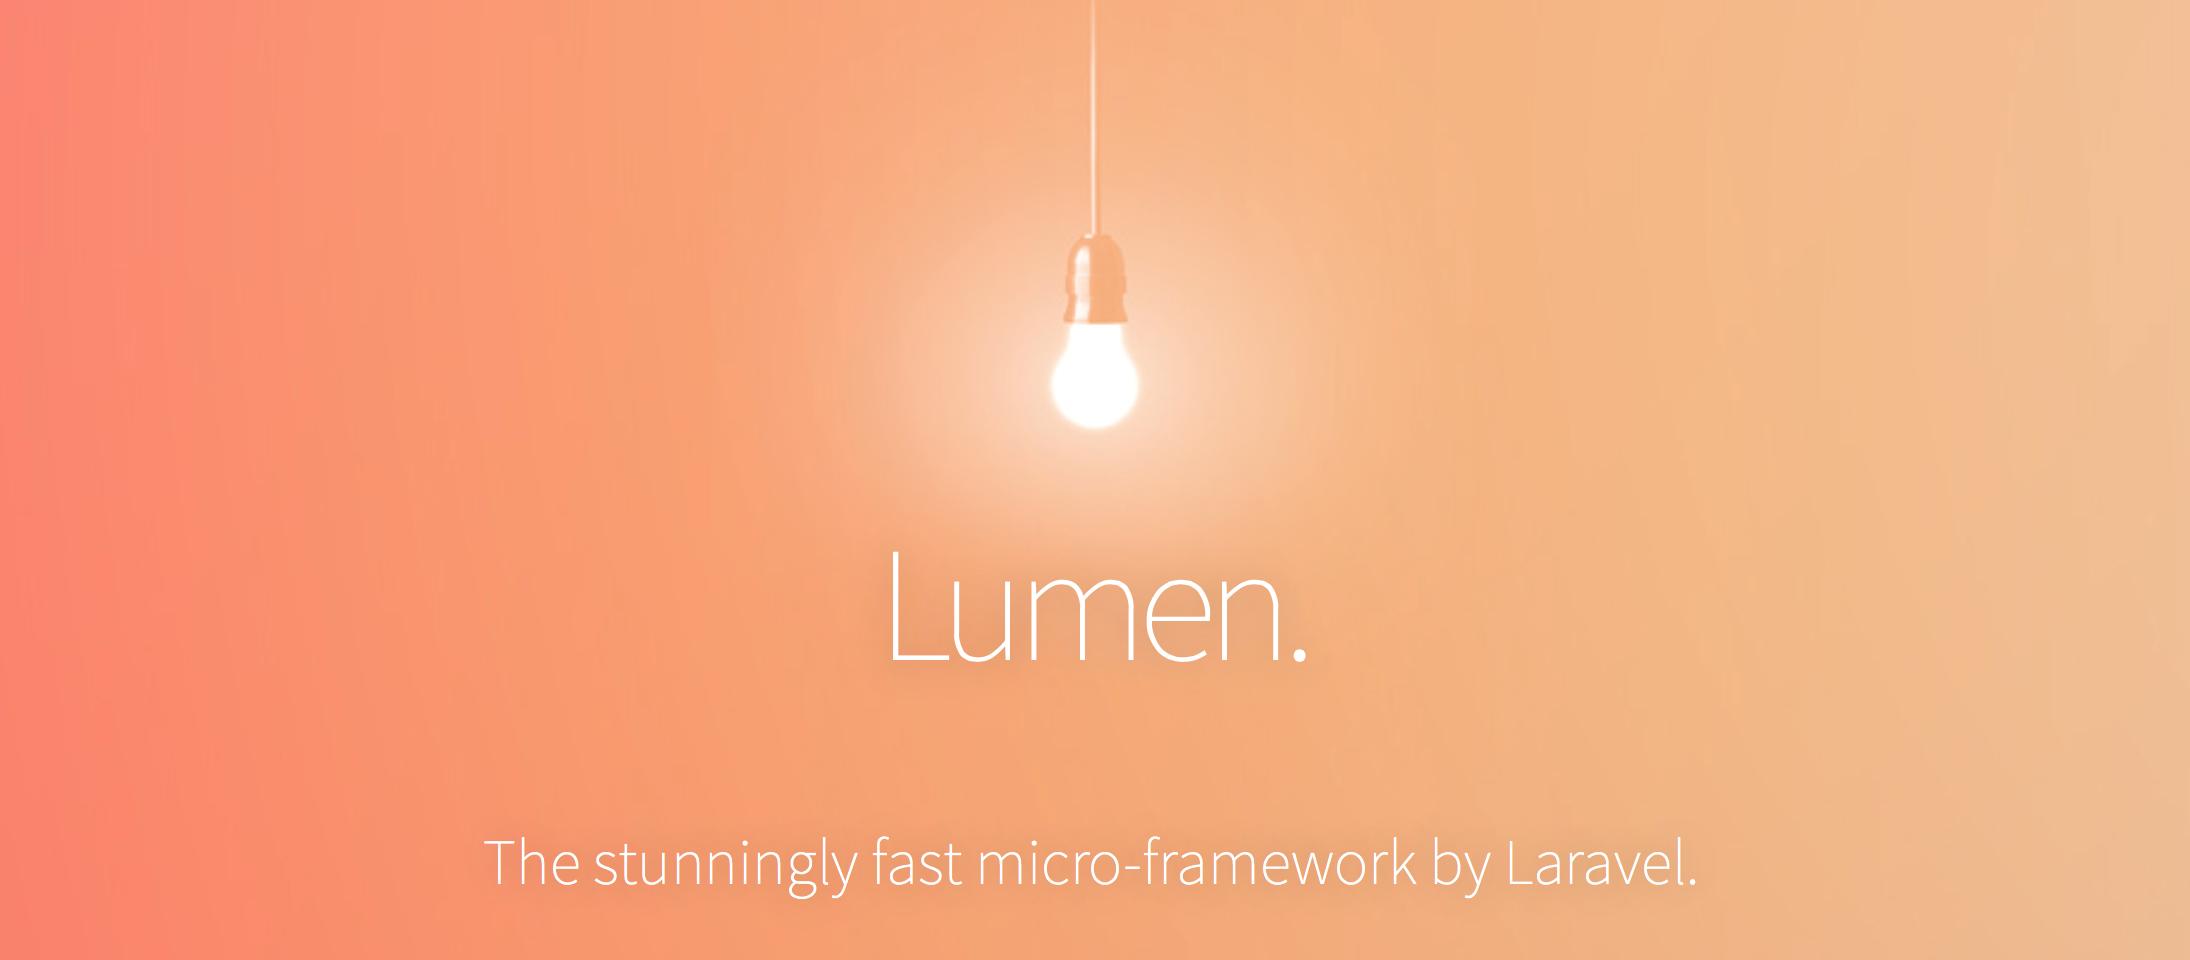 Lumen (Micro Framework Laravel)